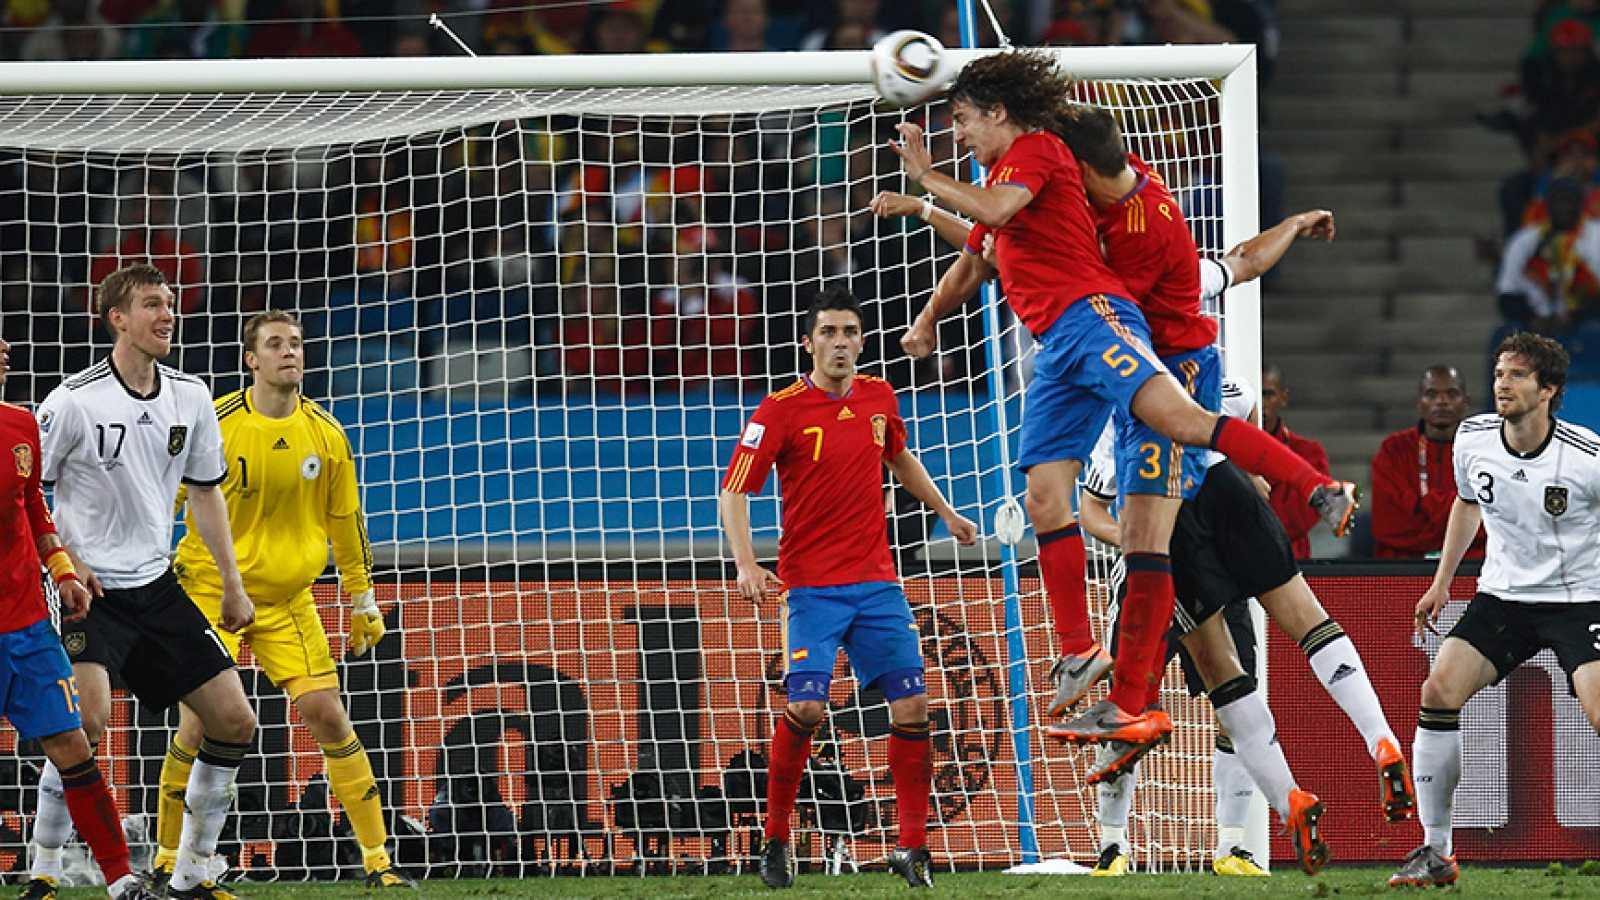 El Mundial 2010 en un minuto... con Carles Puyol